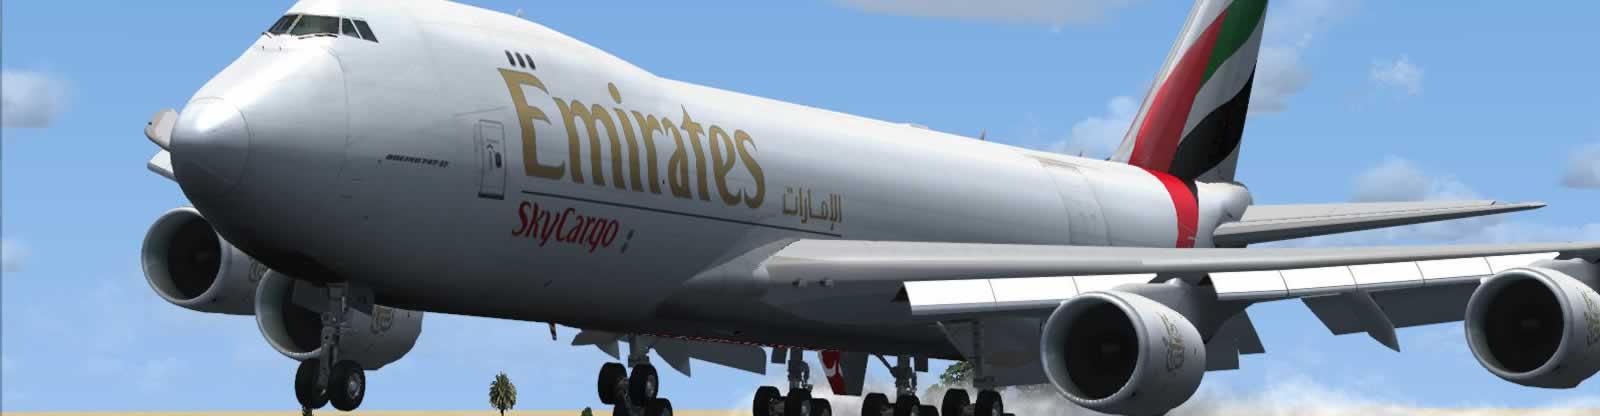 Hajj and Umrah travels